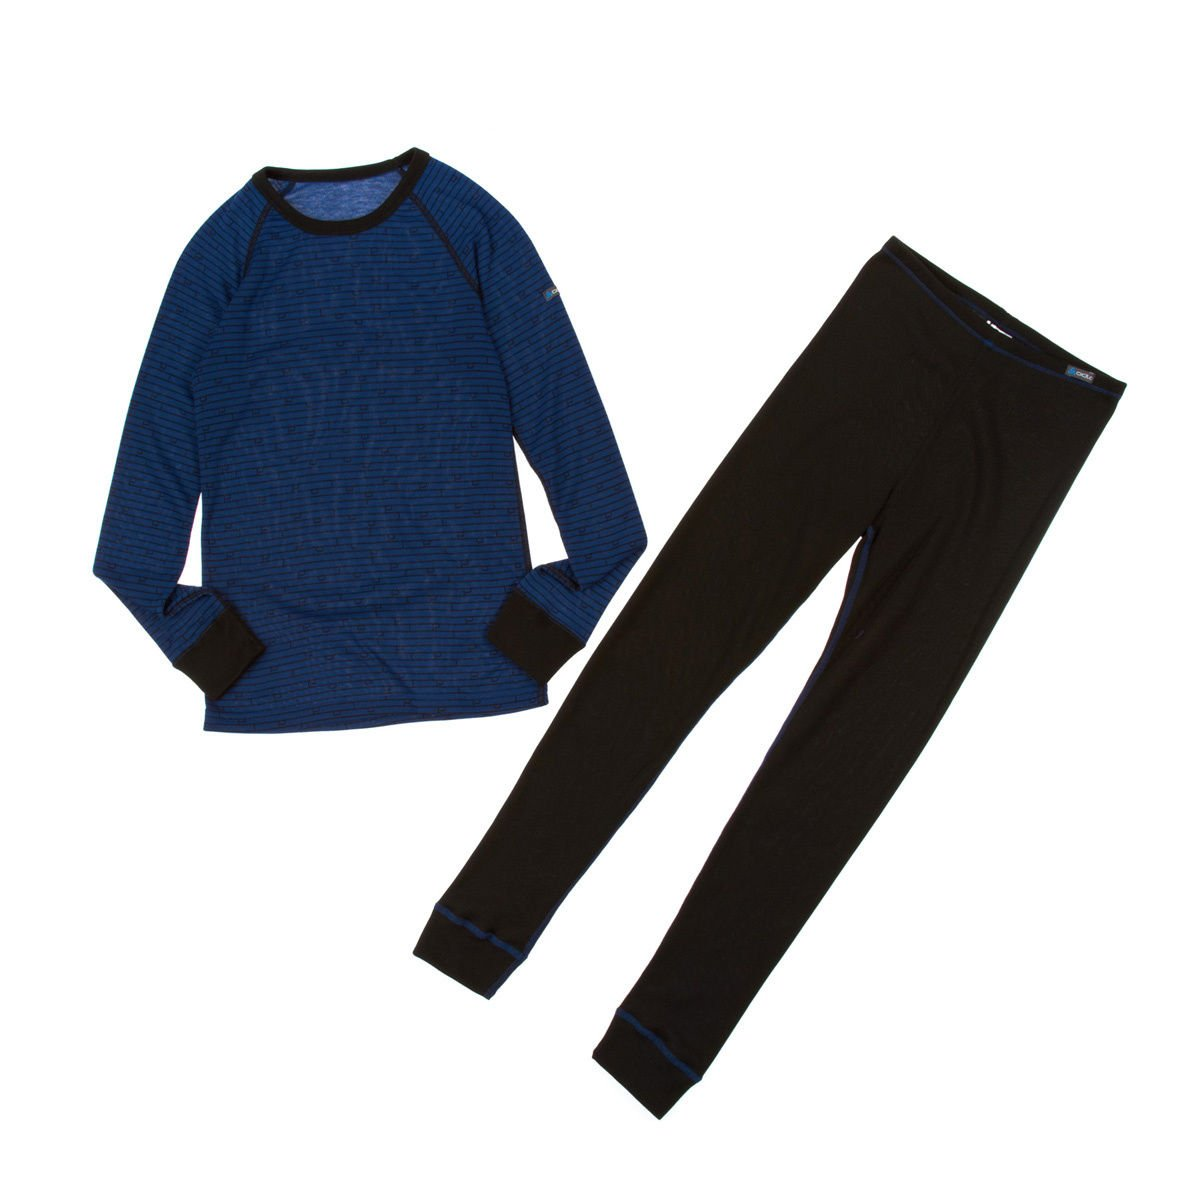 ODLO Warm Children/'s Set Tights Long-Sleeved T-Shirt Black//Estate